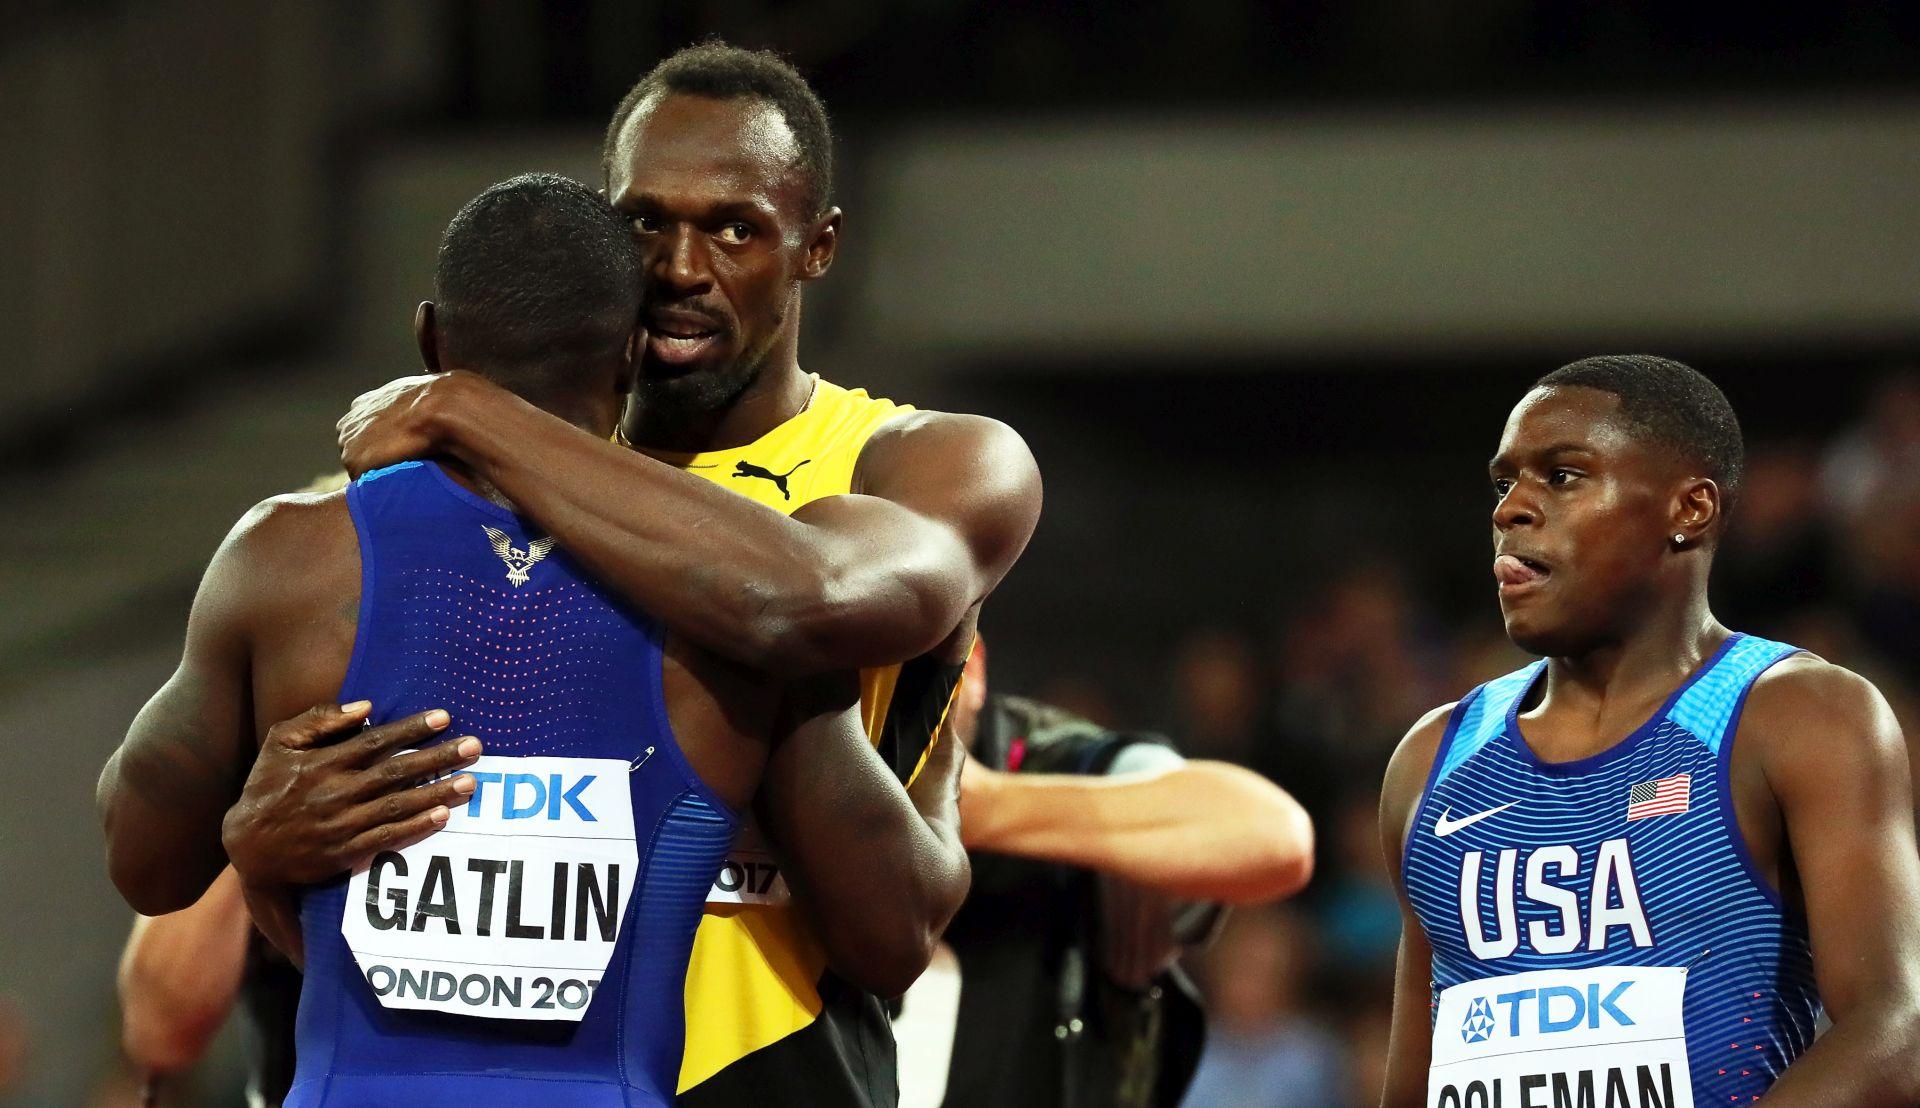 ŠOK U LONDONU Gatlinu svjetsko zlato na 100 metara, Bolt u zadnjoj utrci treći